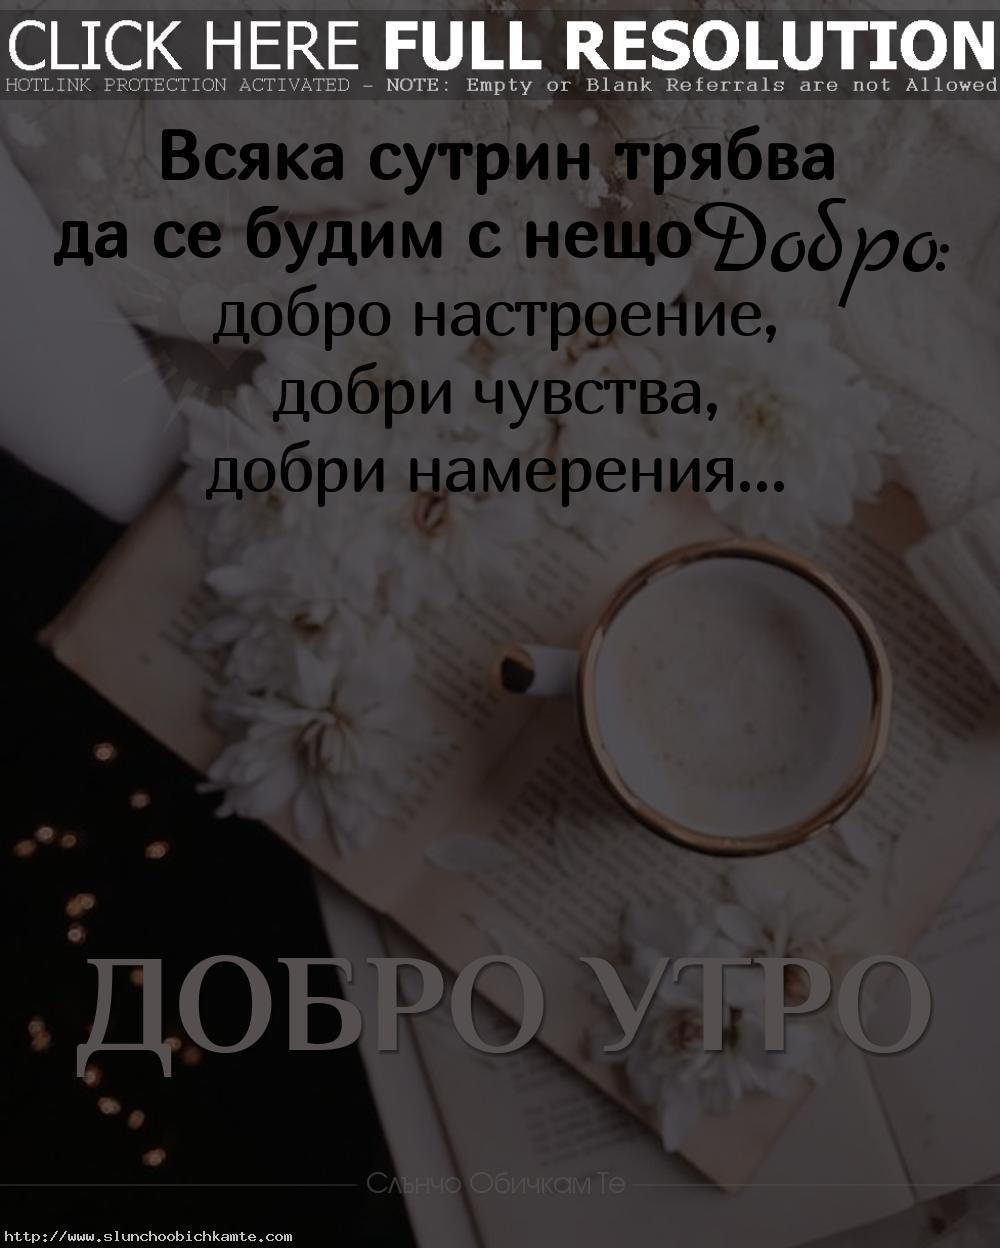 Добро утро. Всяка сутрин трябва да се будим с нещо добро - Добро настроение, добри чувства, добри намерения. Пожелания за добро утро, кафе